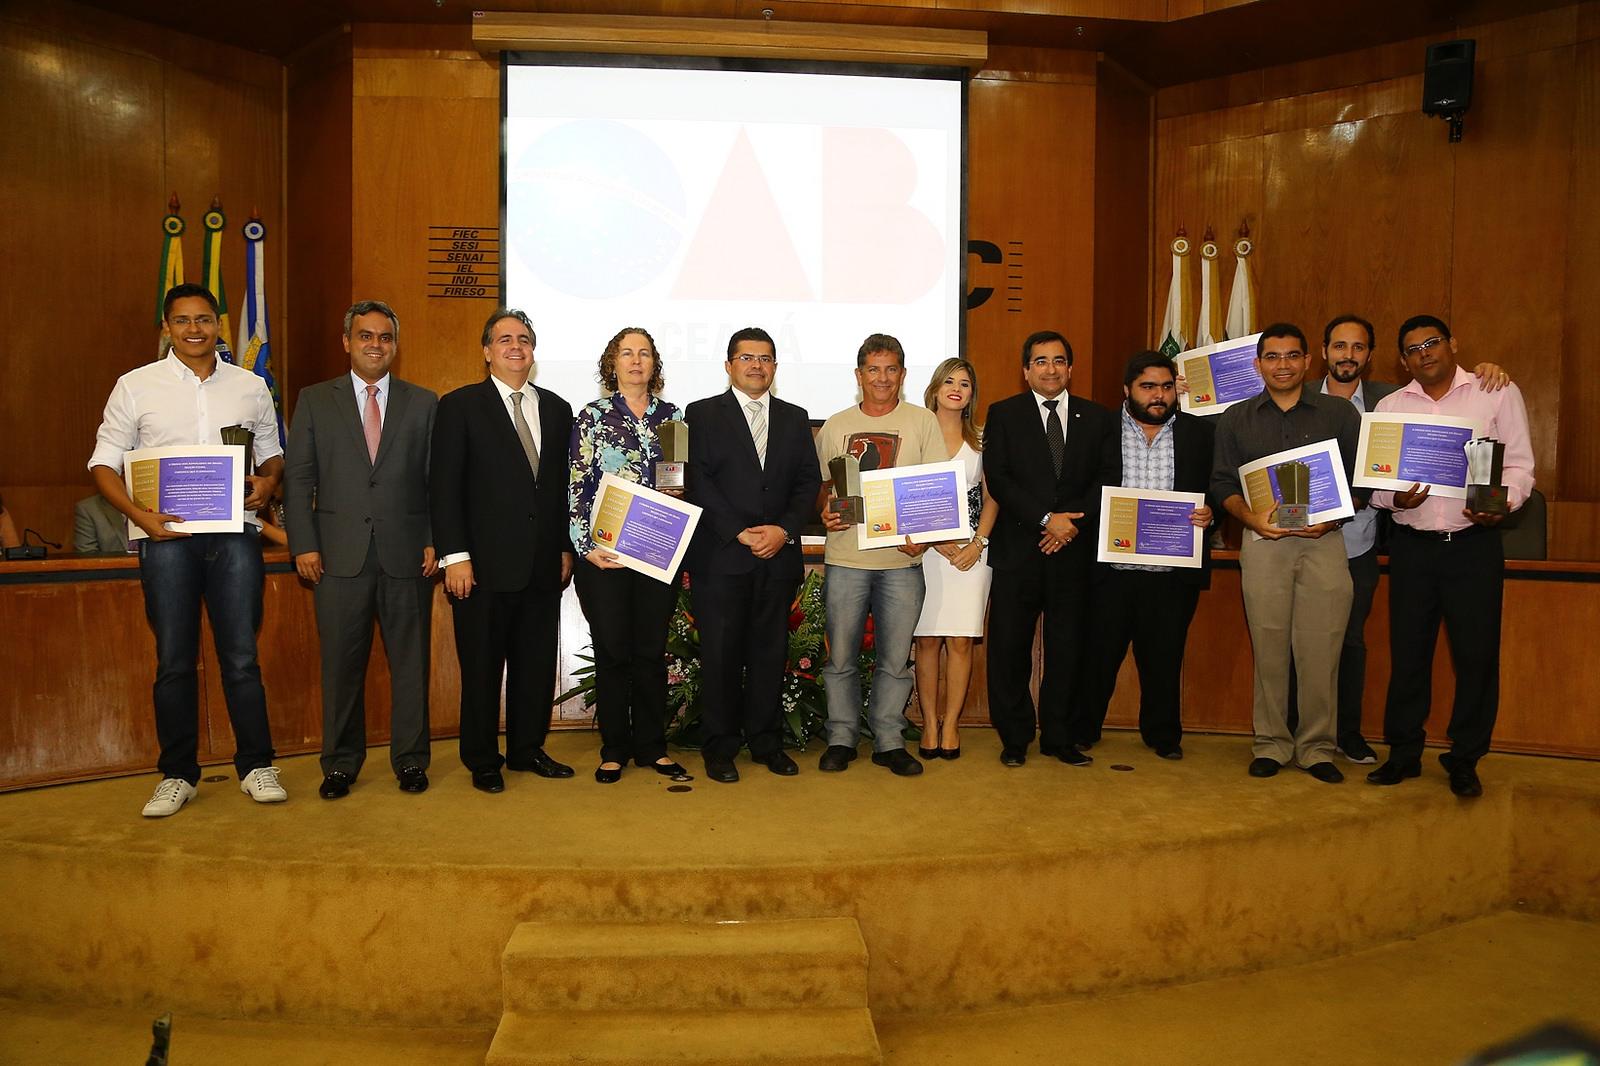 Este ano, o tema do prêmio de jornalismo foi Morosidade do Judiciário: atentado à cidadania e teve o objetivo de estimular o debate sobre a temática do Direito associado ao viés da Justiça Social (FOTO: Divulgação/OAB/CE)